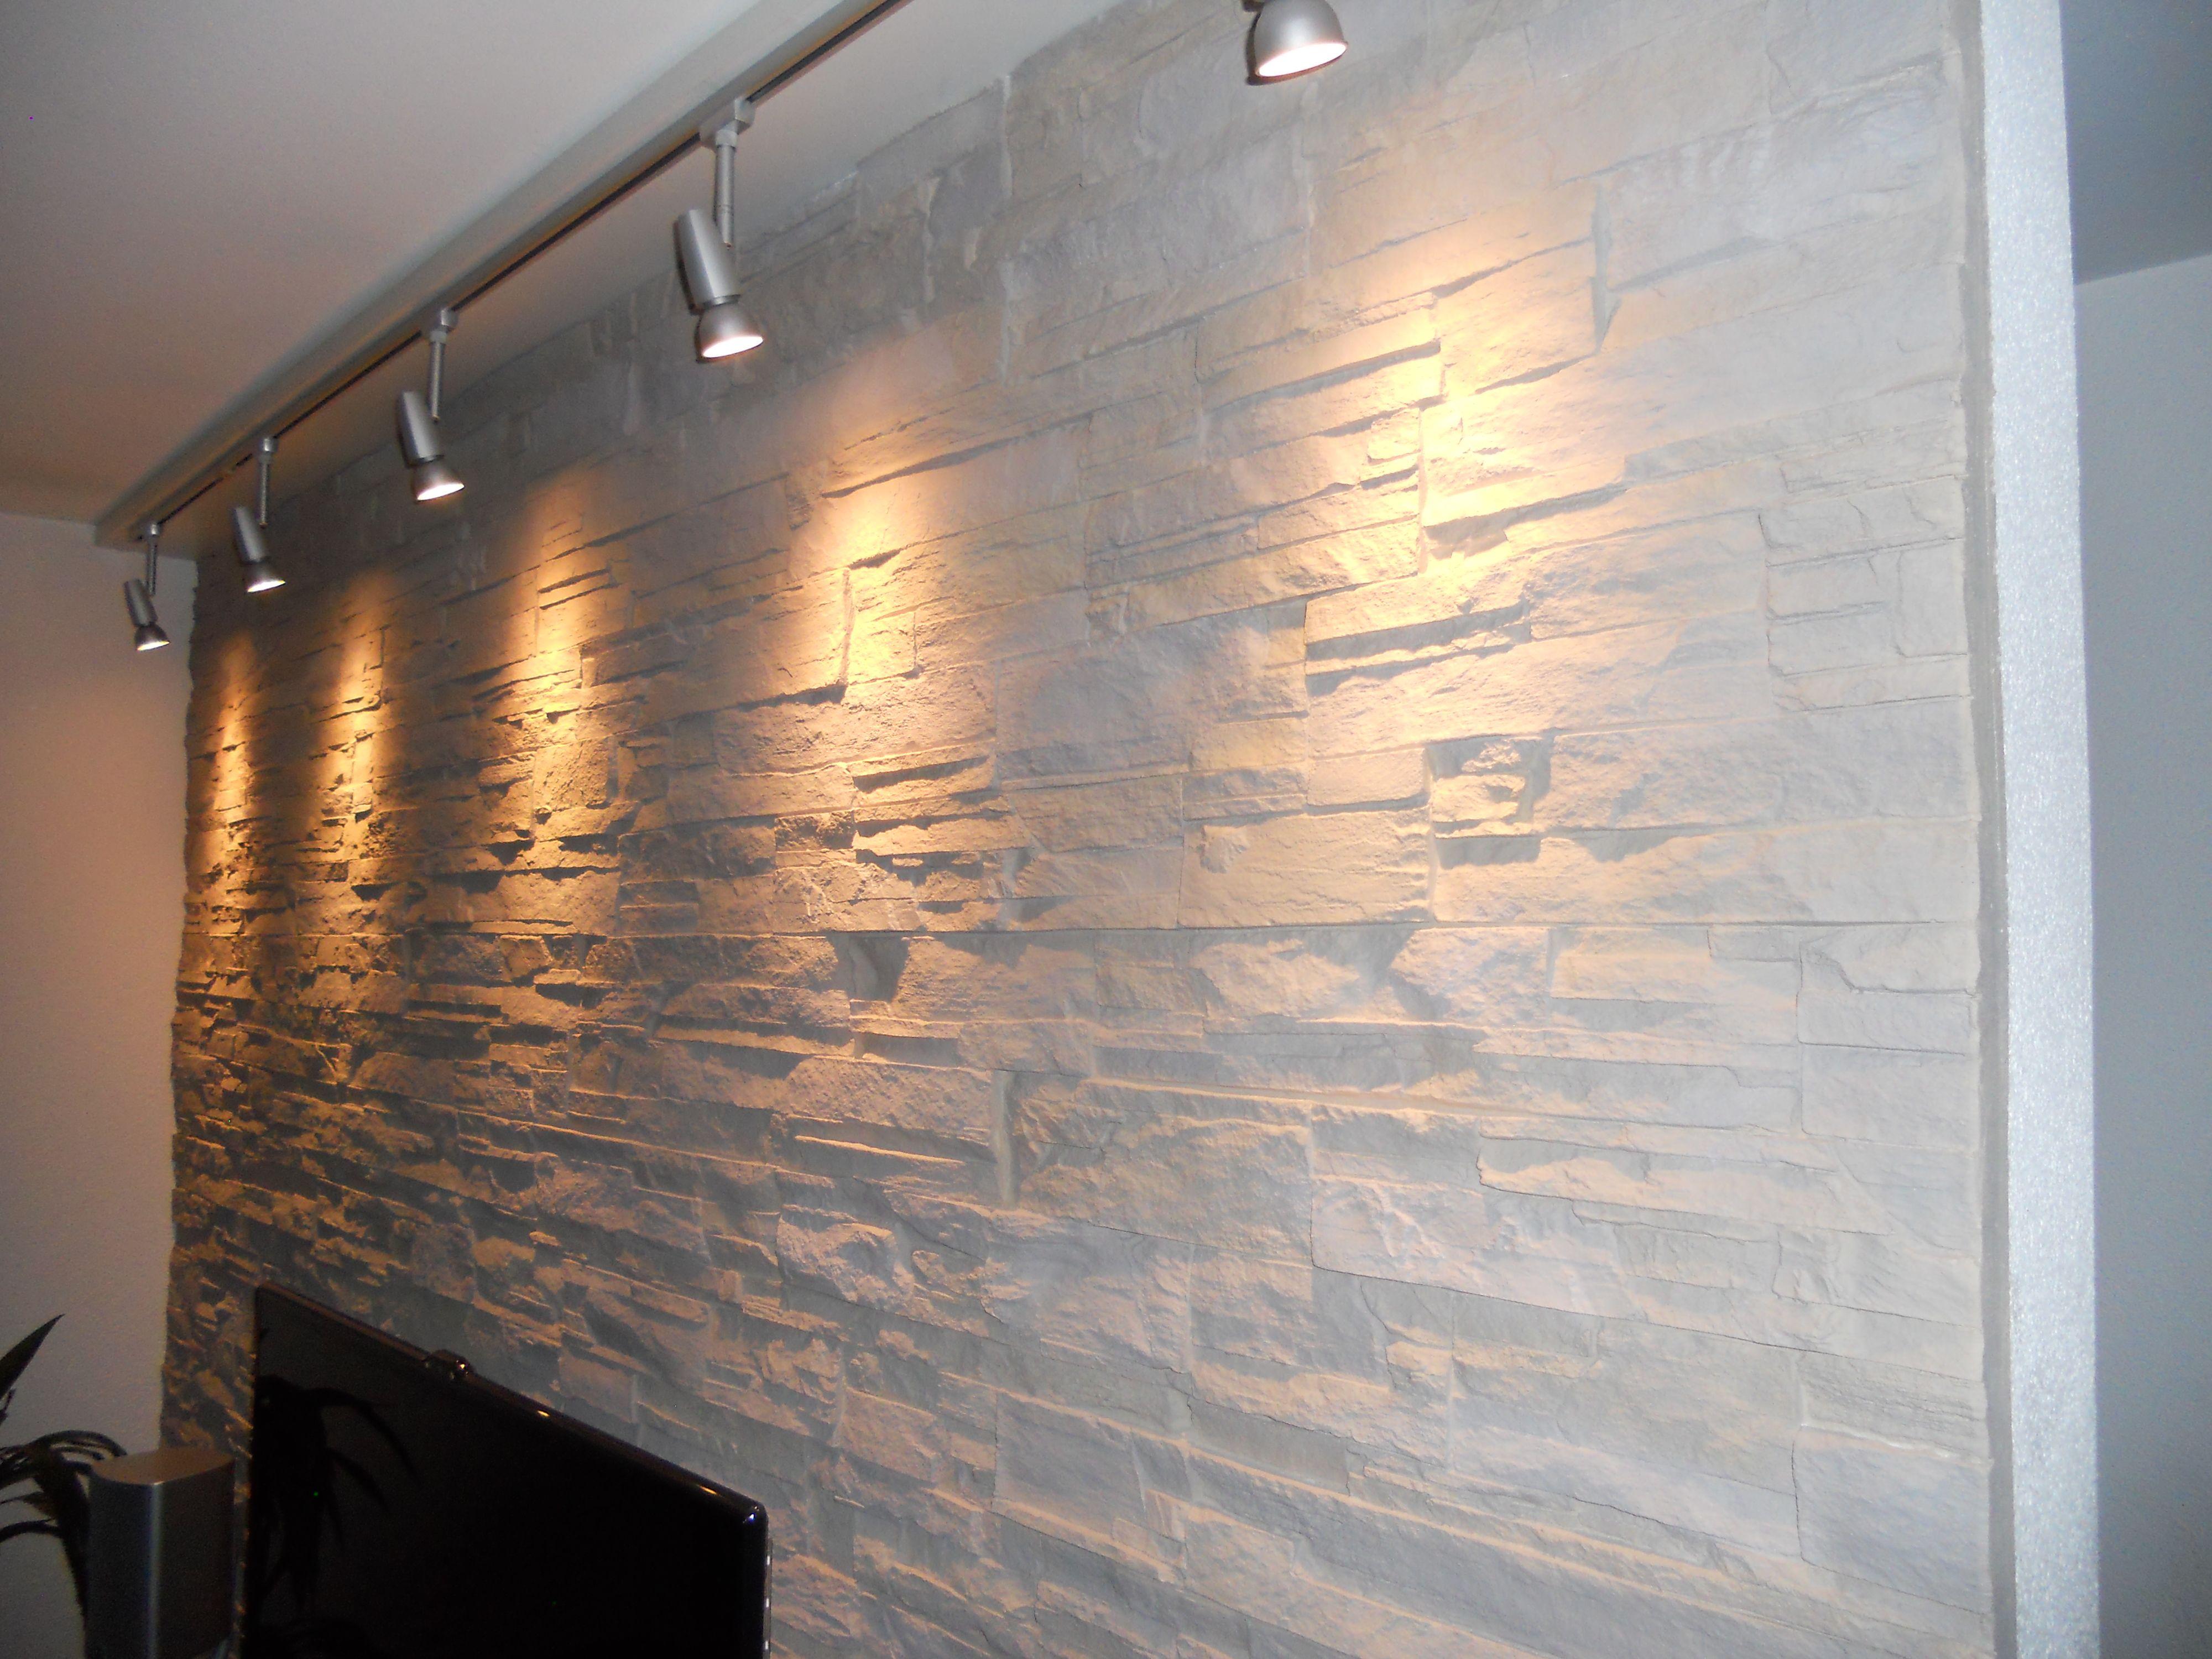 Merveilleux Wandgestaltung Naturstein Wandgestaltung Naturstein, Wandgestaltung  Wohnzimmer, Natursteine, Wandfarbe, Wohnen, Deko,